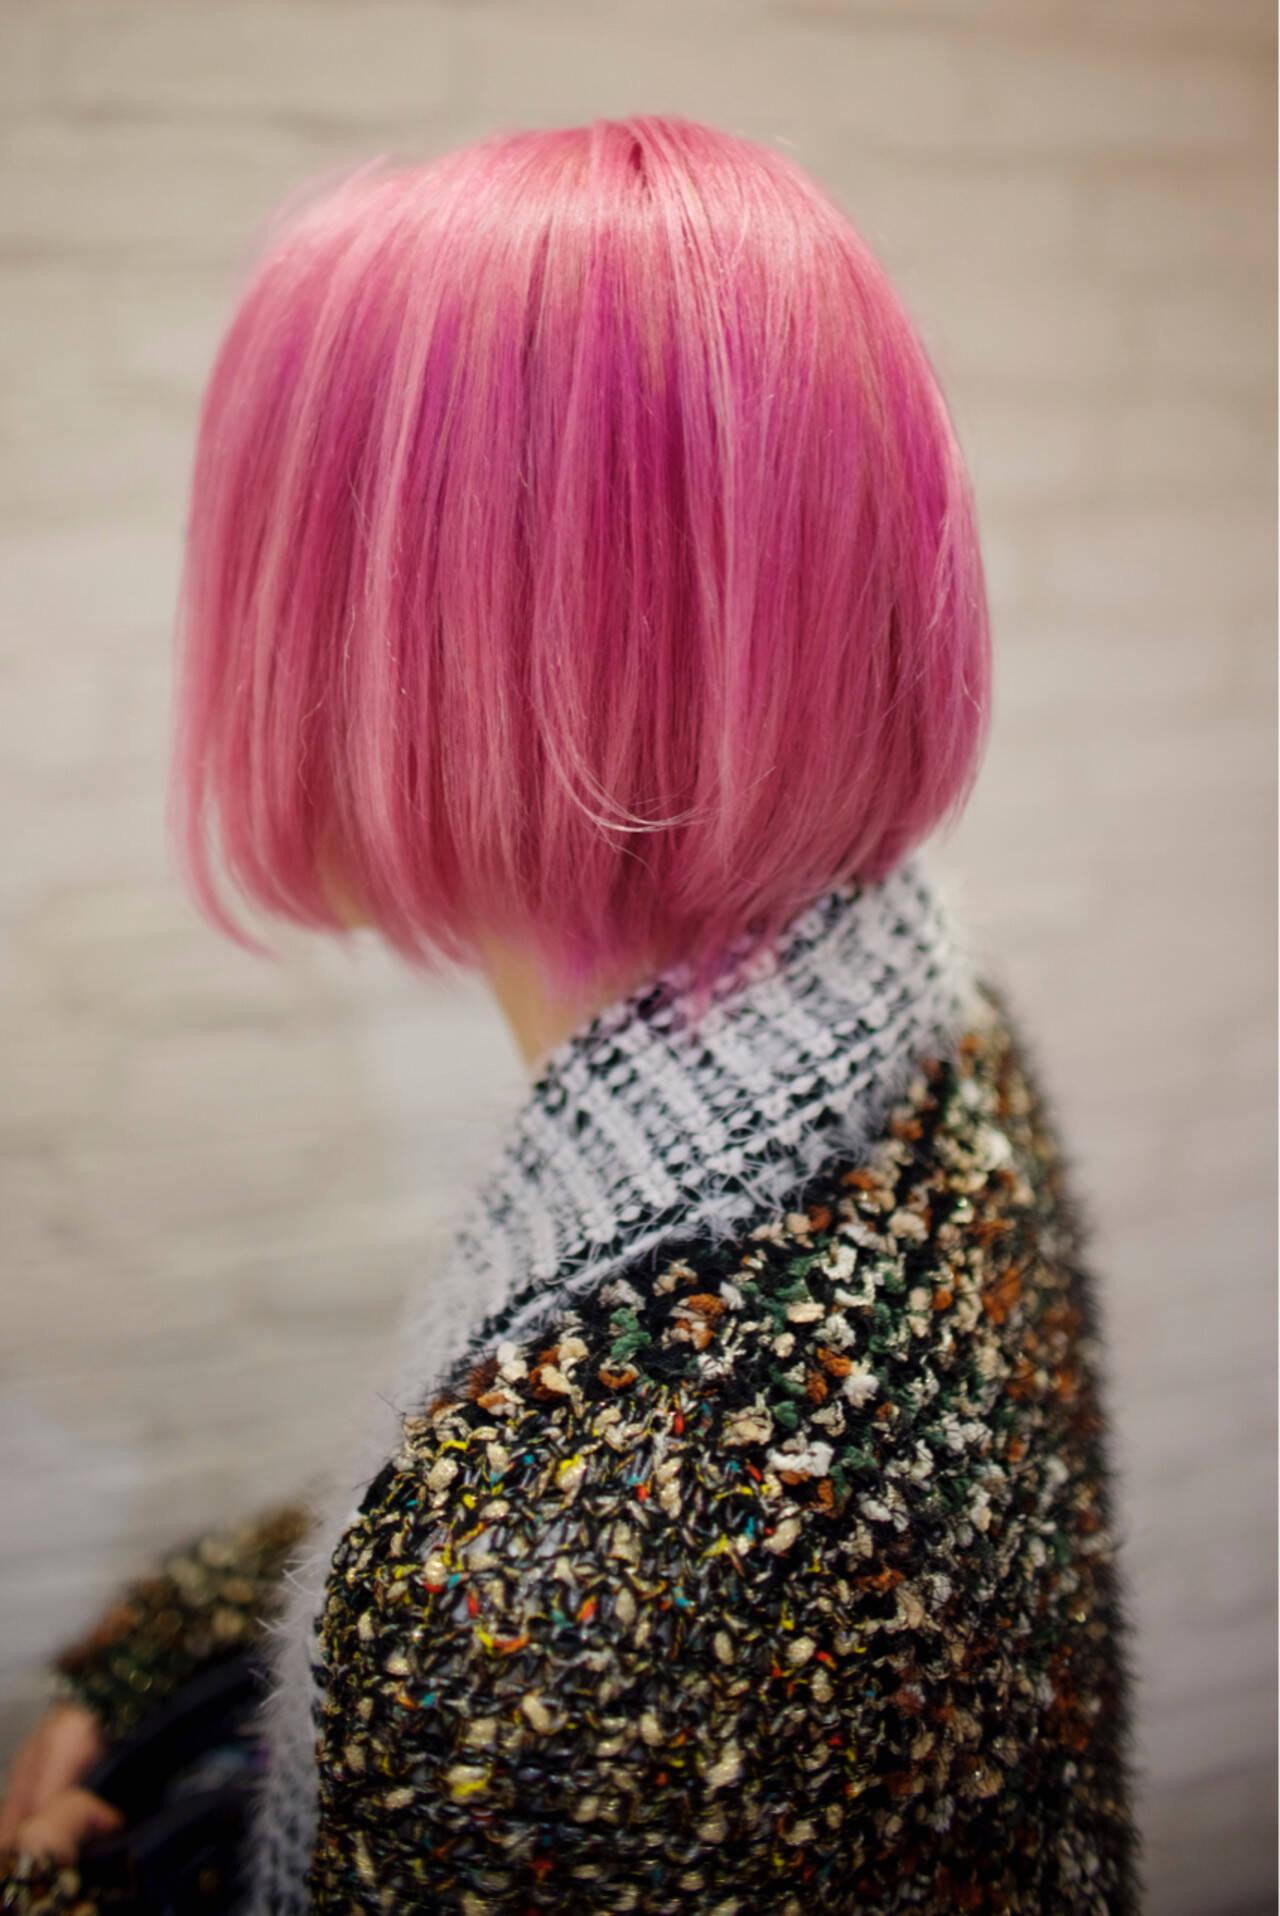 ダブルカラー ハイトーン 外国人風カラー モードヘアスタイルや髪型の写真・画像